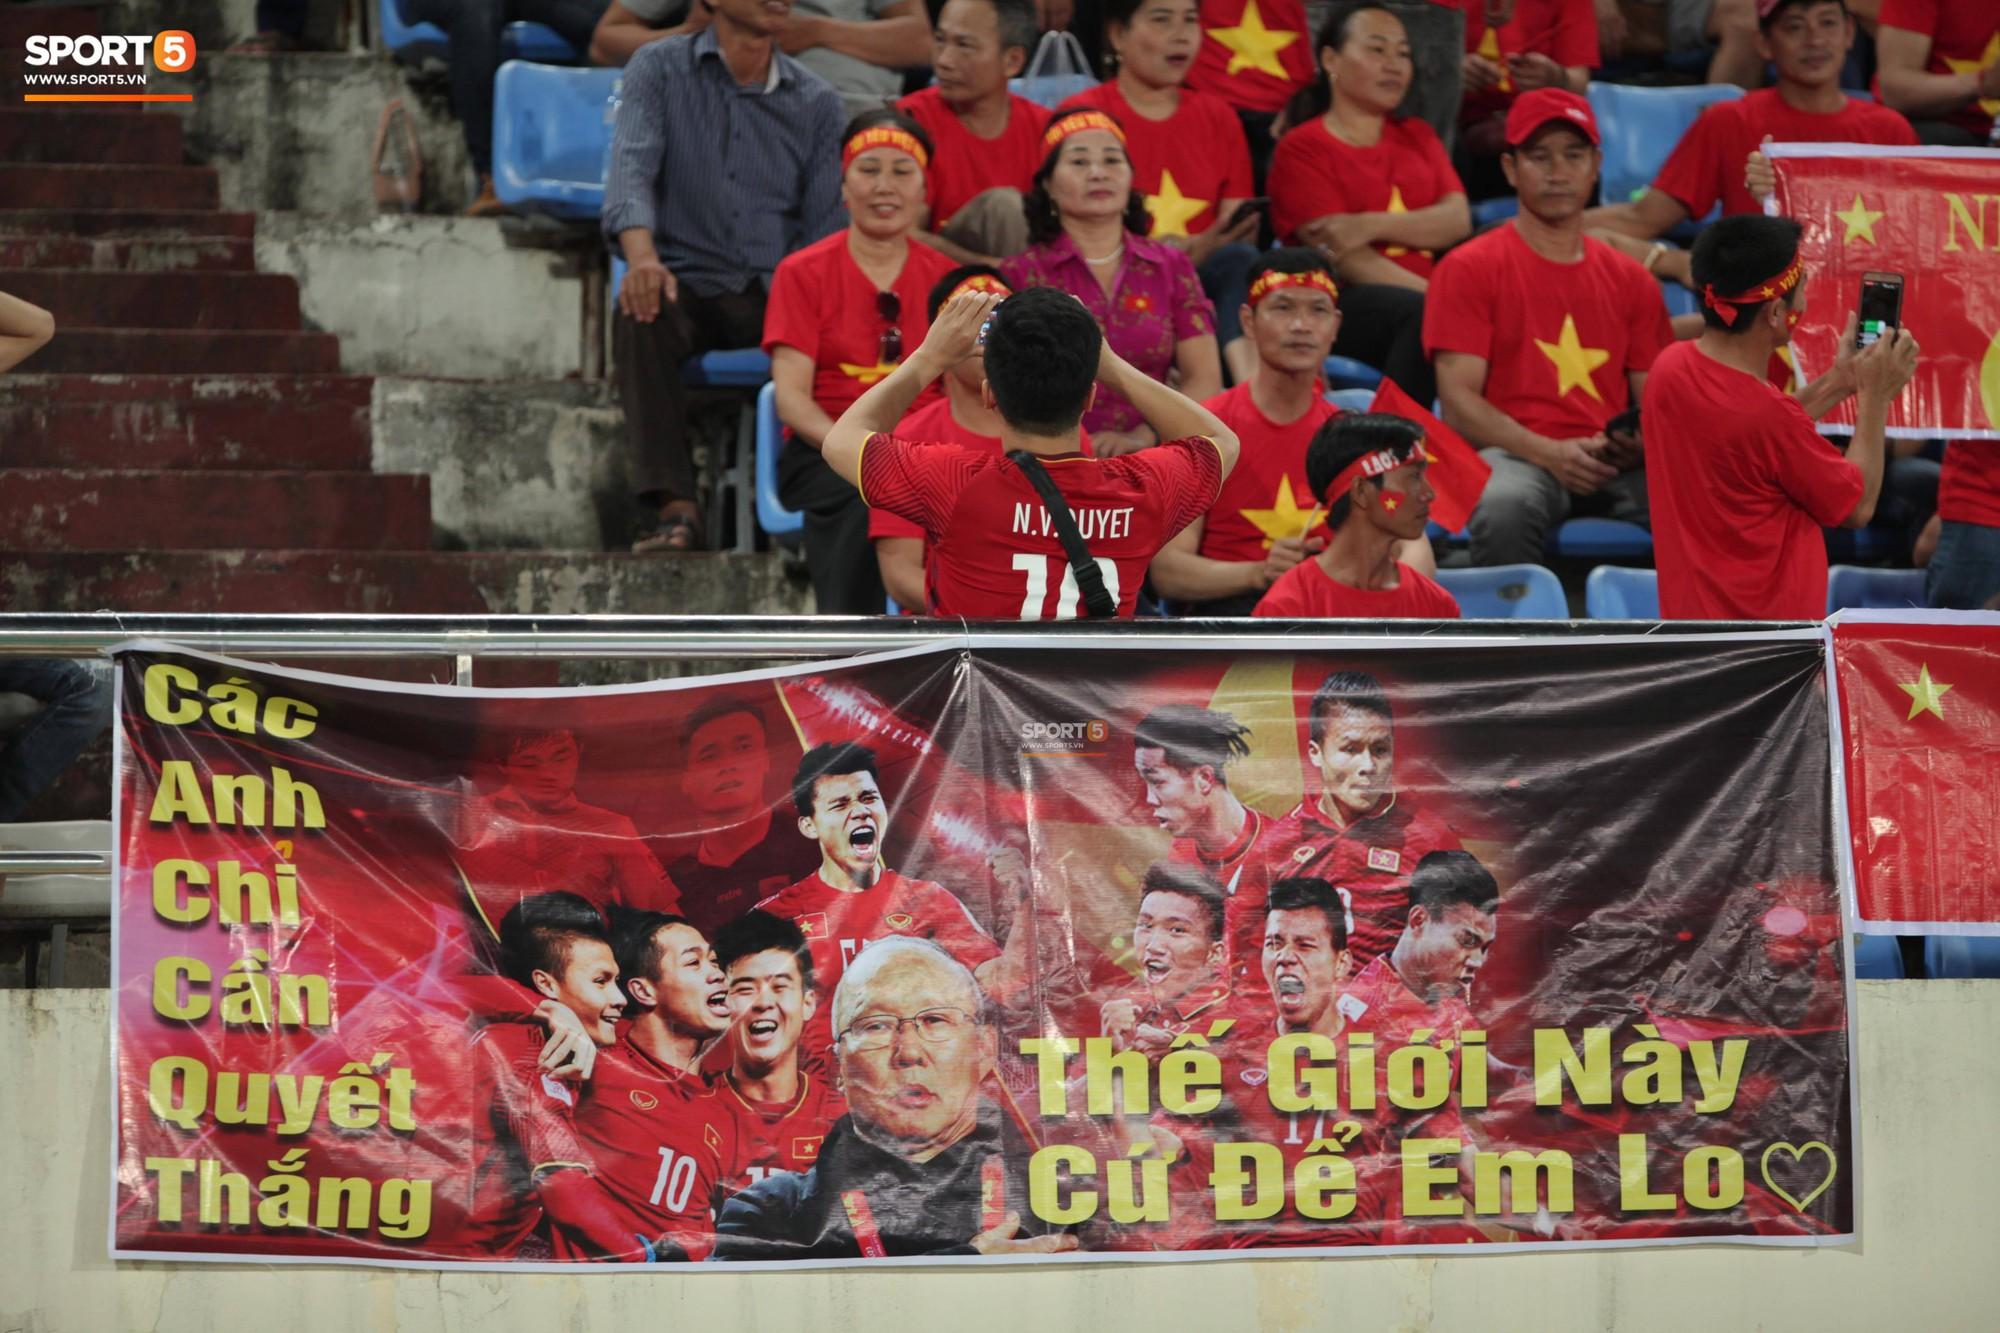 aff cup 2018 - photo 5 15417358817241274052633 - Đây mới là lý do khiến cầu thủ Lào chạnh lòng sau trận thua Việt Nam ở AFF Cup 2018